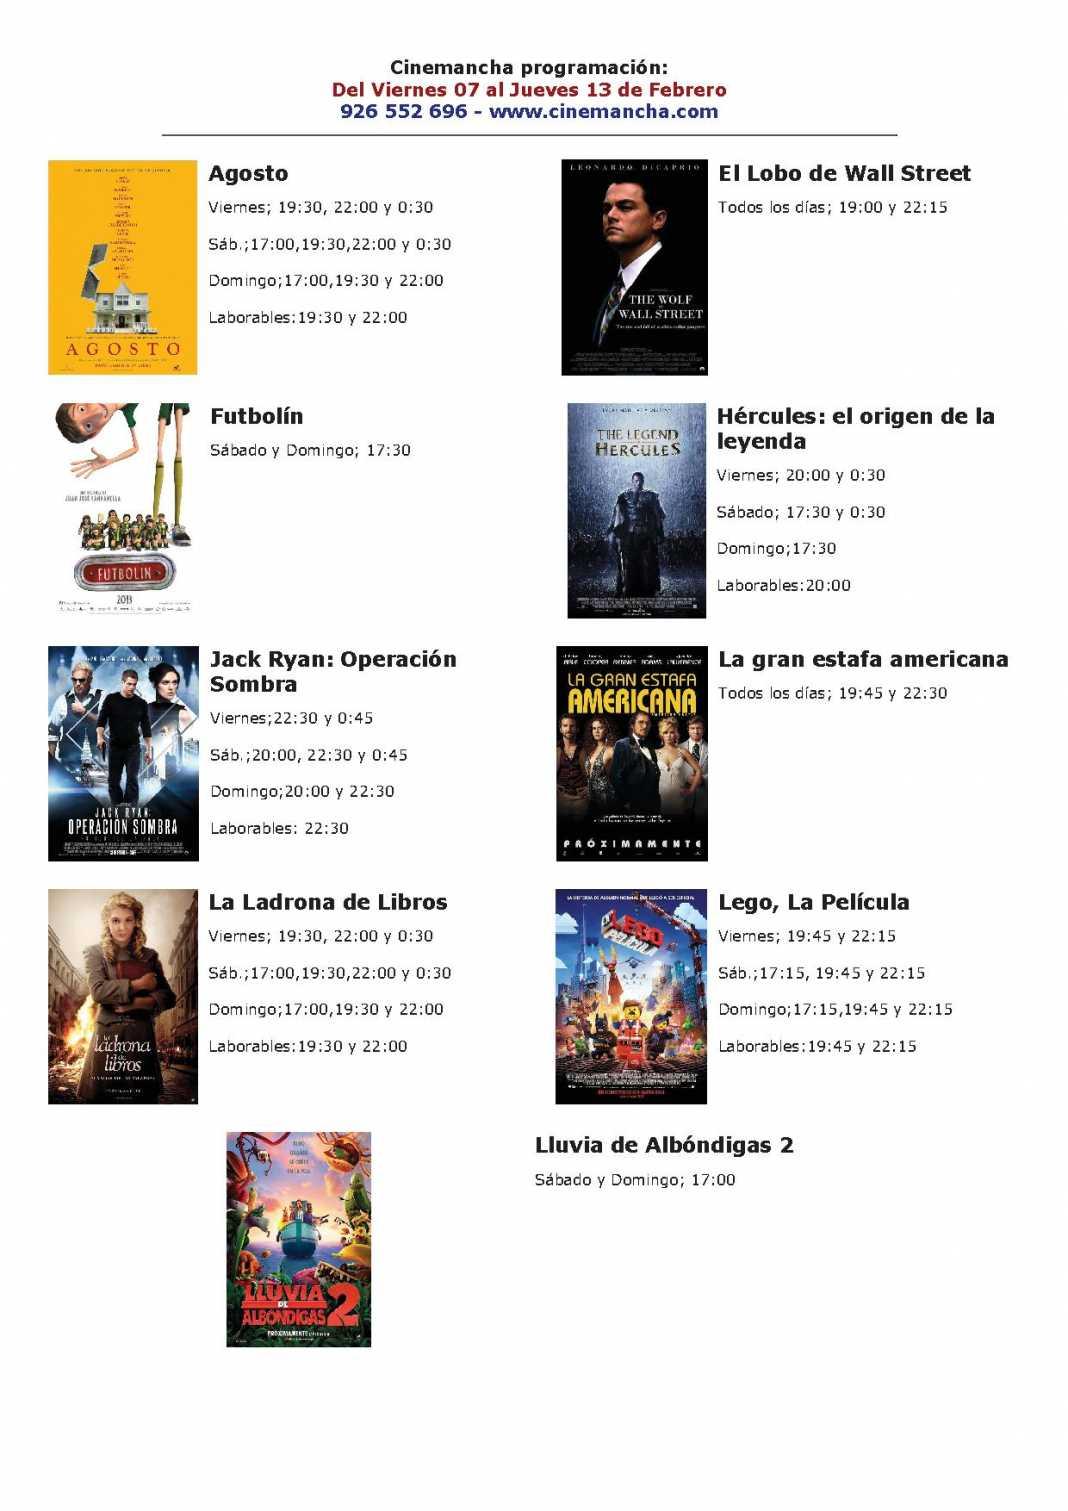 Programación Cinemancha del 7 al jueves 13 de febrero. 1